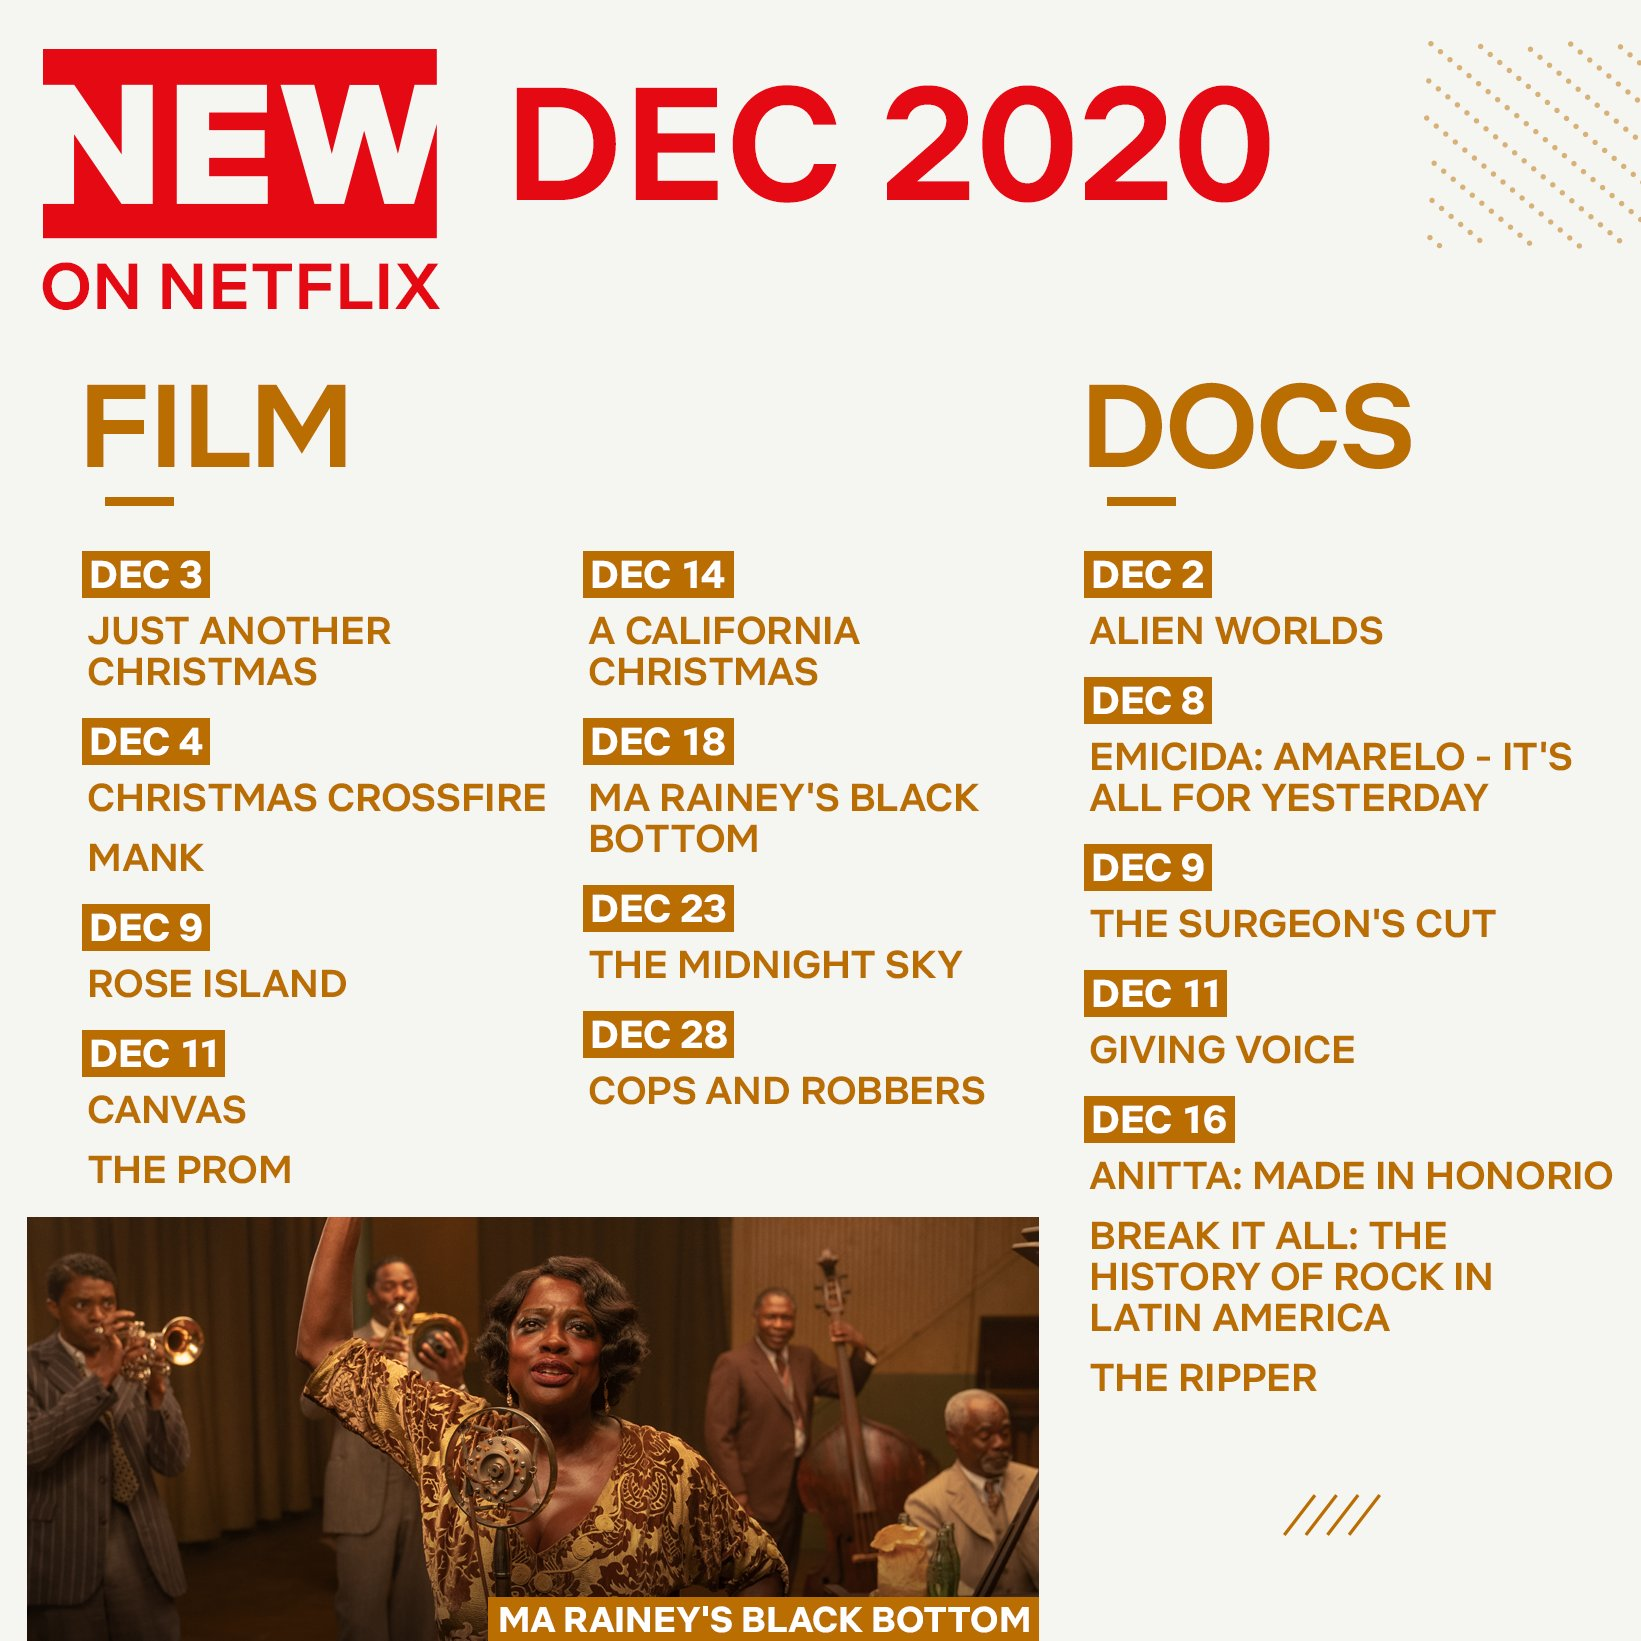 Οι νέες ταινίες και τα ντοκιμαντέρ του Netflix για τον Δεκέμβριο